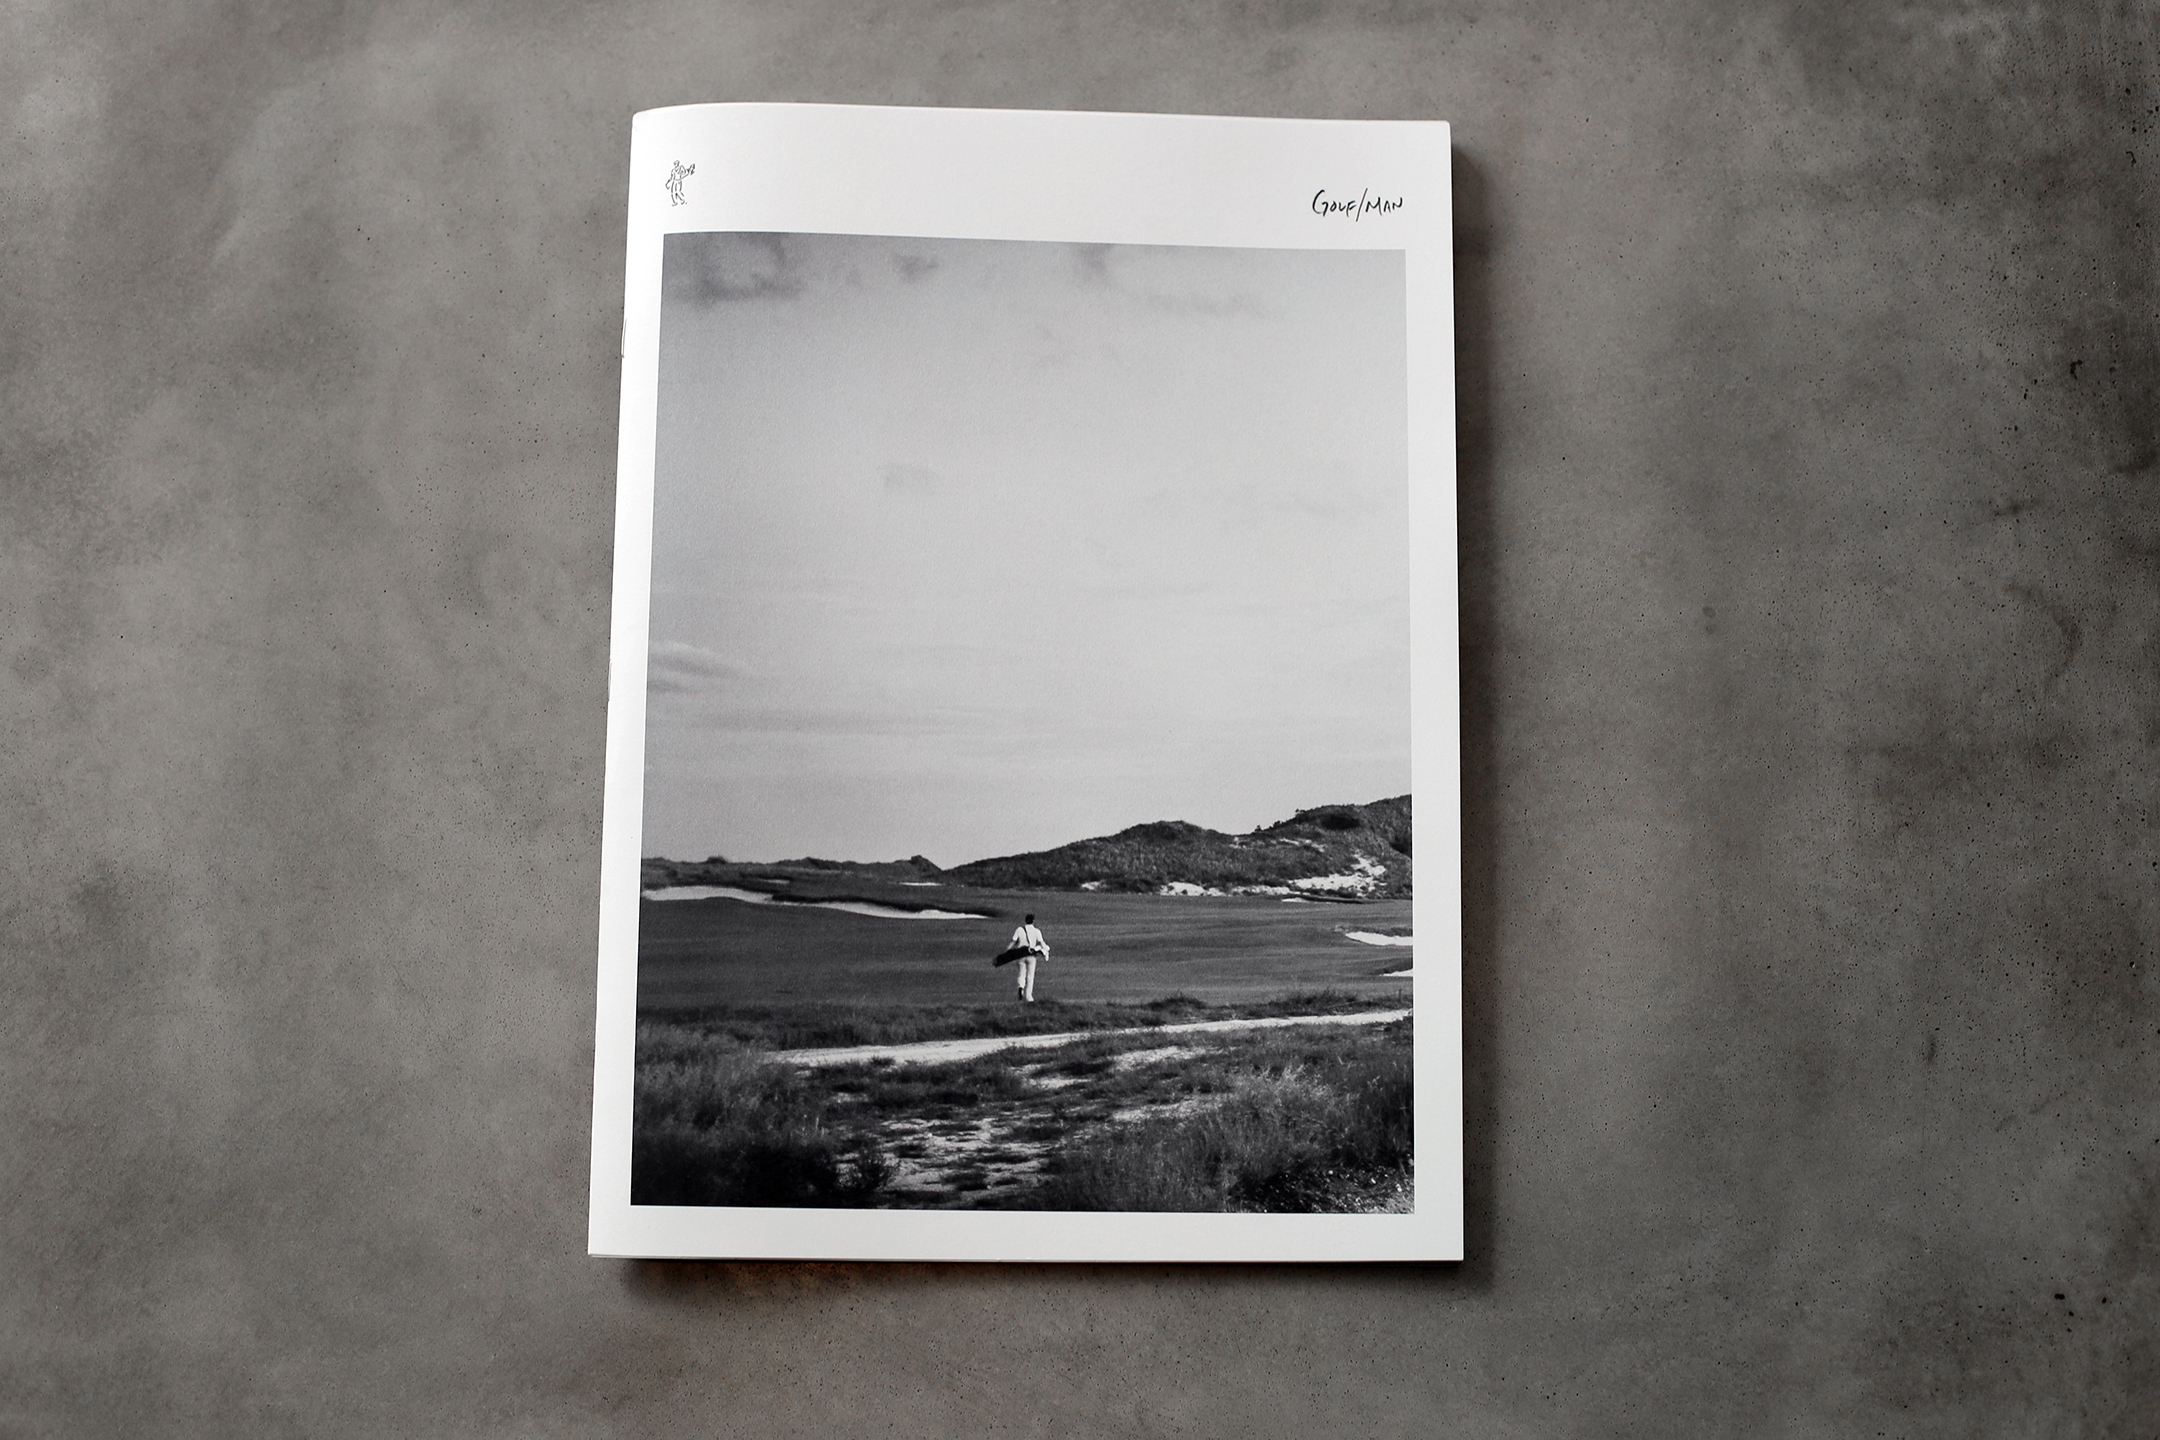 GolfMan_3.jpg